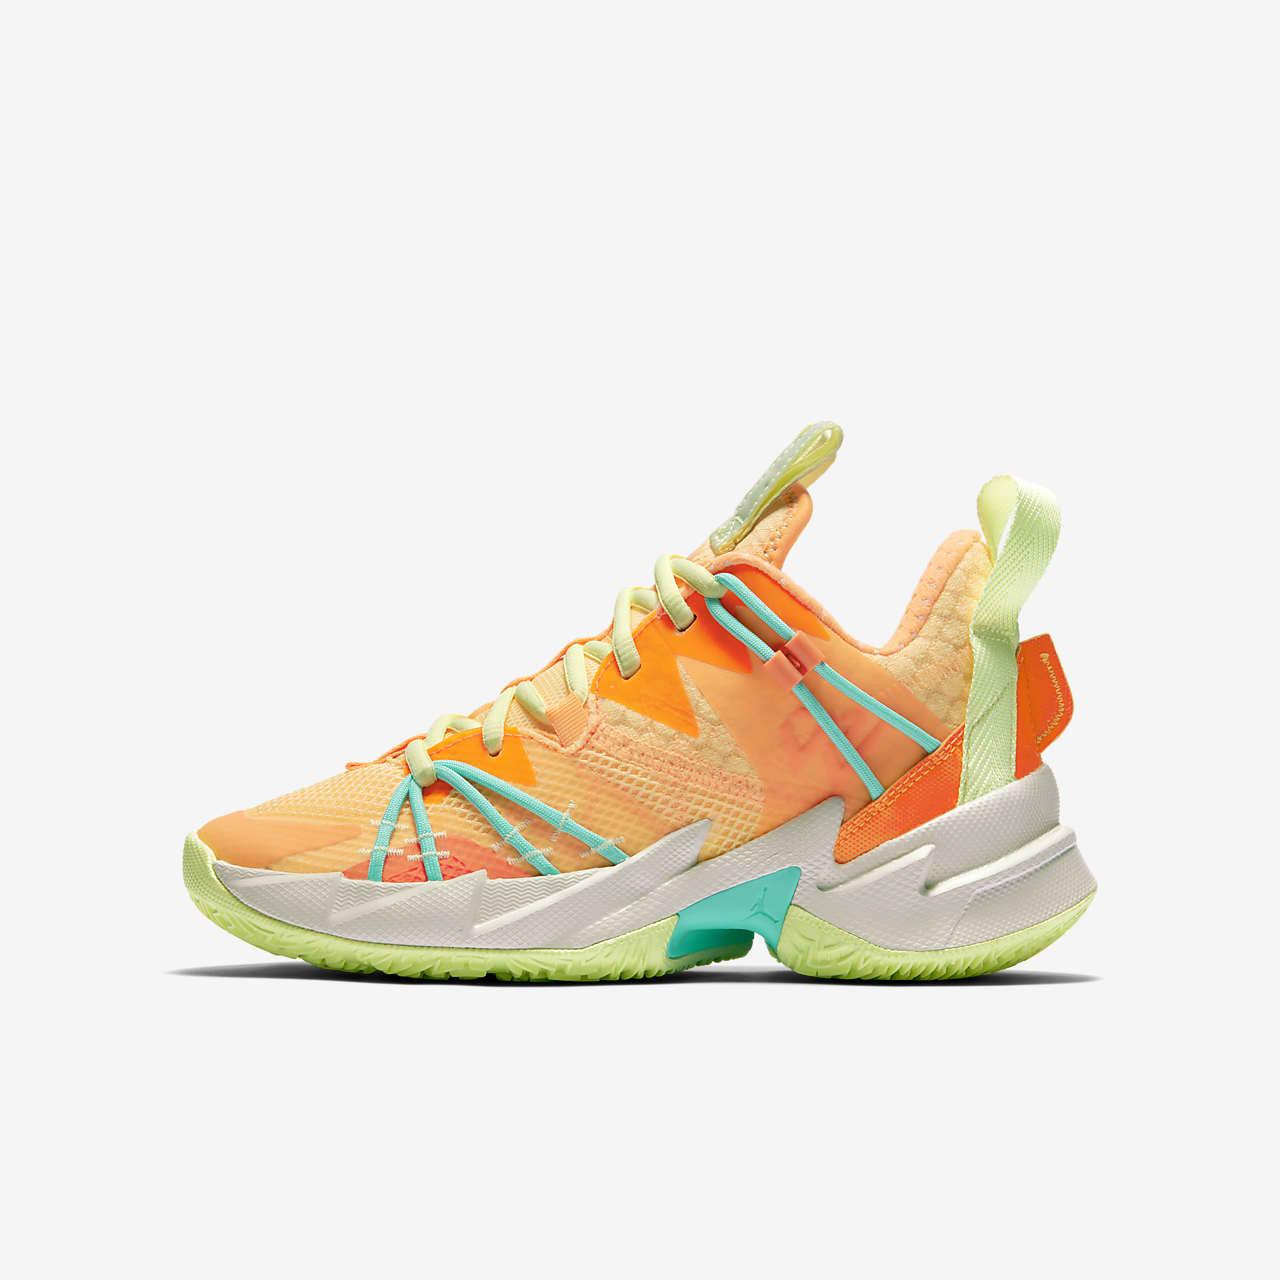 Zer0.3 SE Older Kids' Basketball Shoe